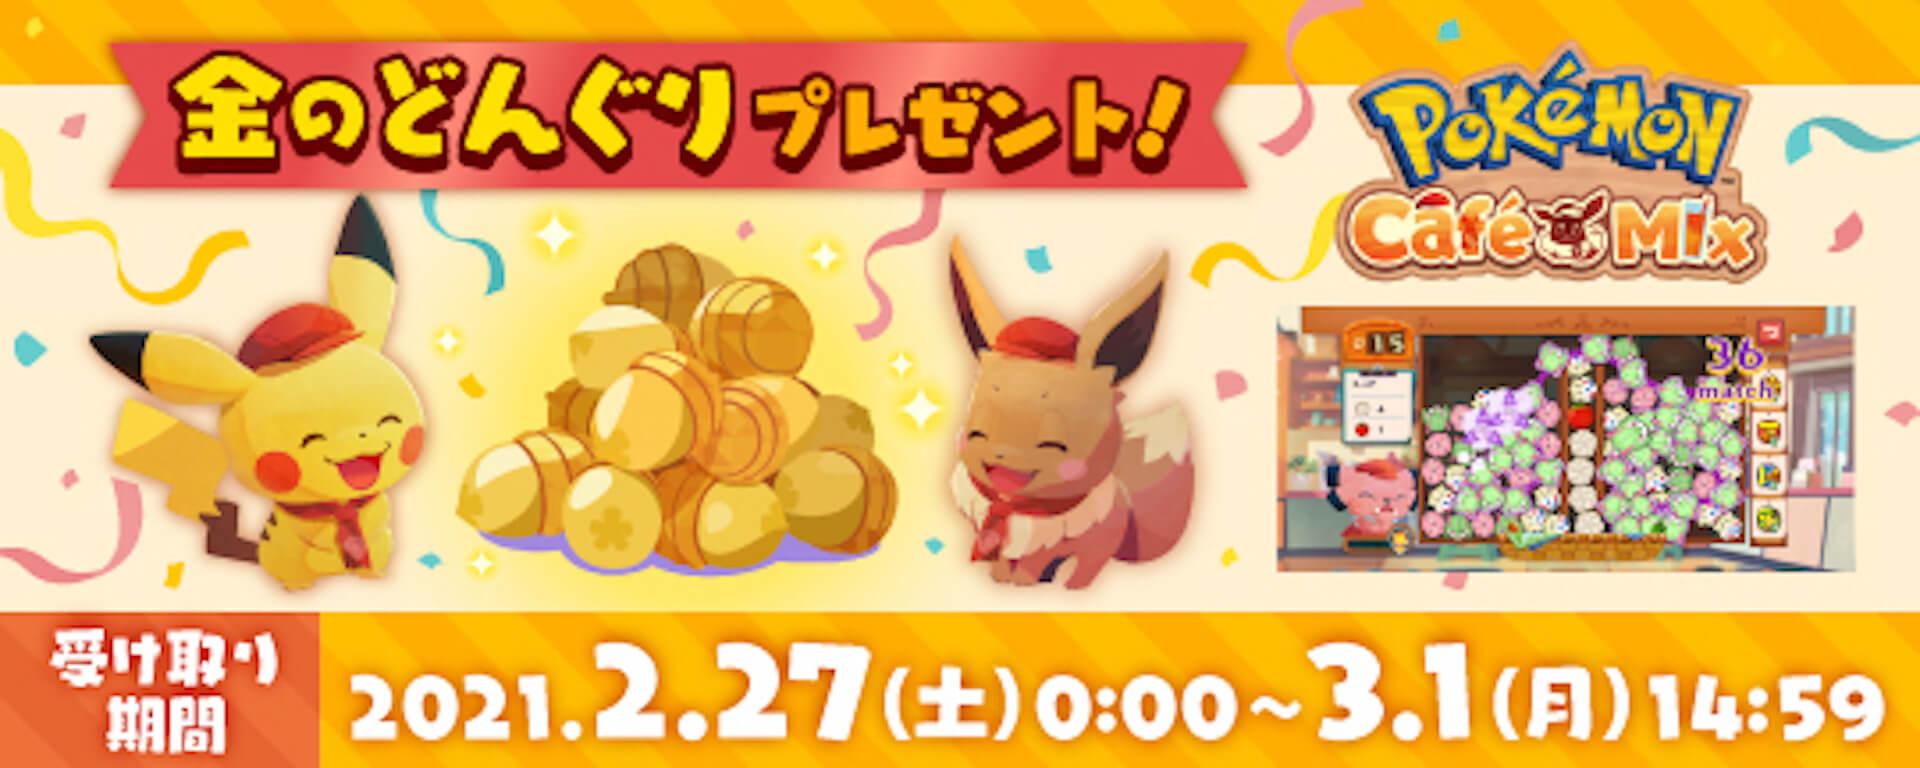 2月27日は「Pokémon Day」25周年!『ポケモン ソード・シールド』、『Pokémon GO』などで新企画が満載 art210219_pokemonday_5